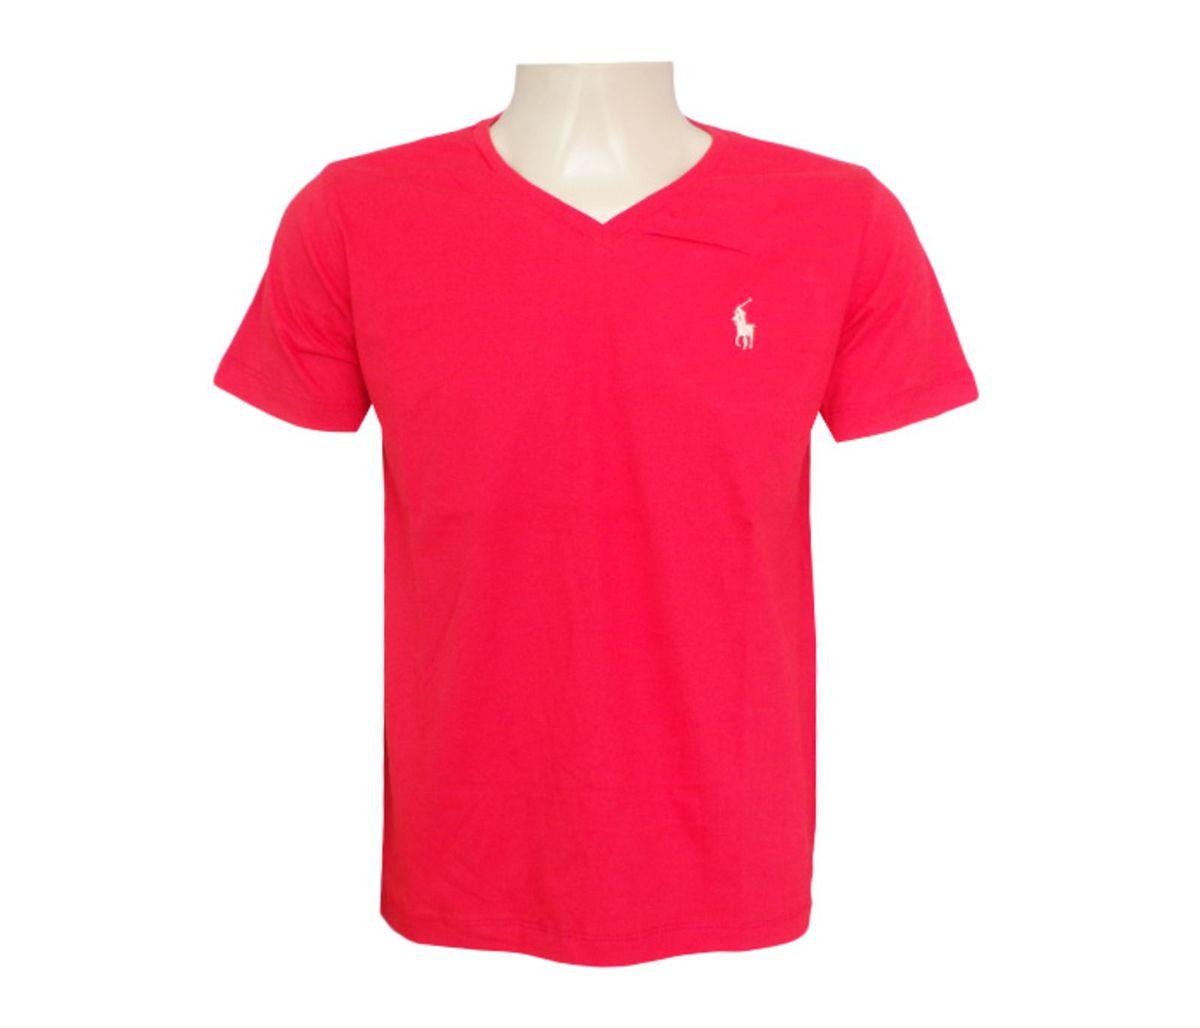 camisa polo ralph lauren gola v vermelha - camisas ralph lauren a4024cff916